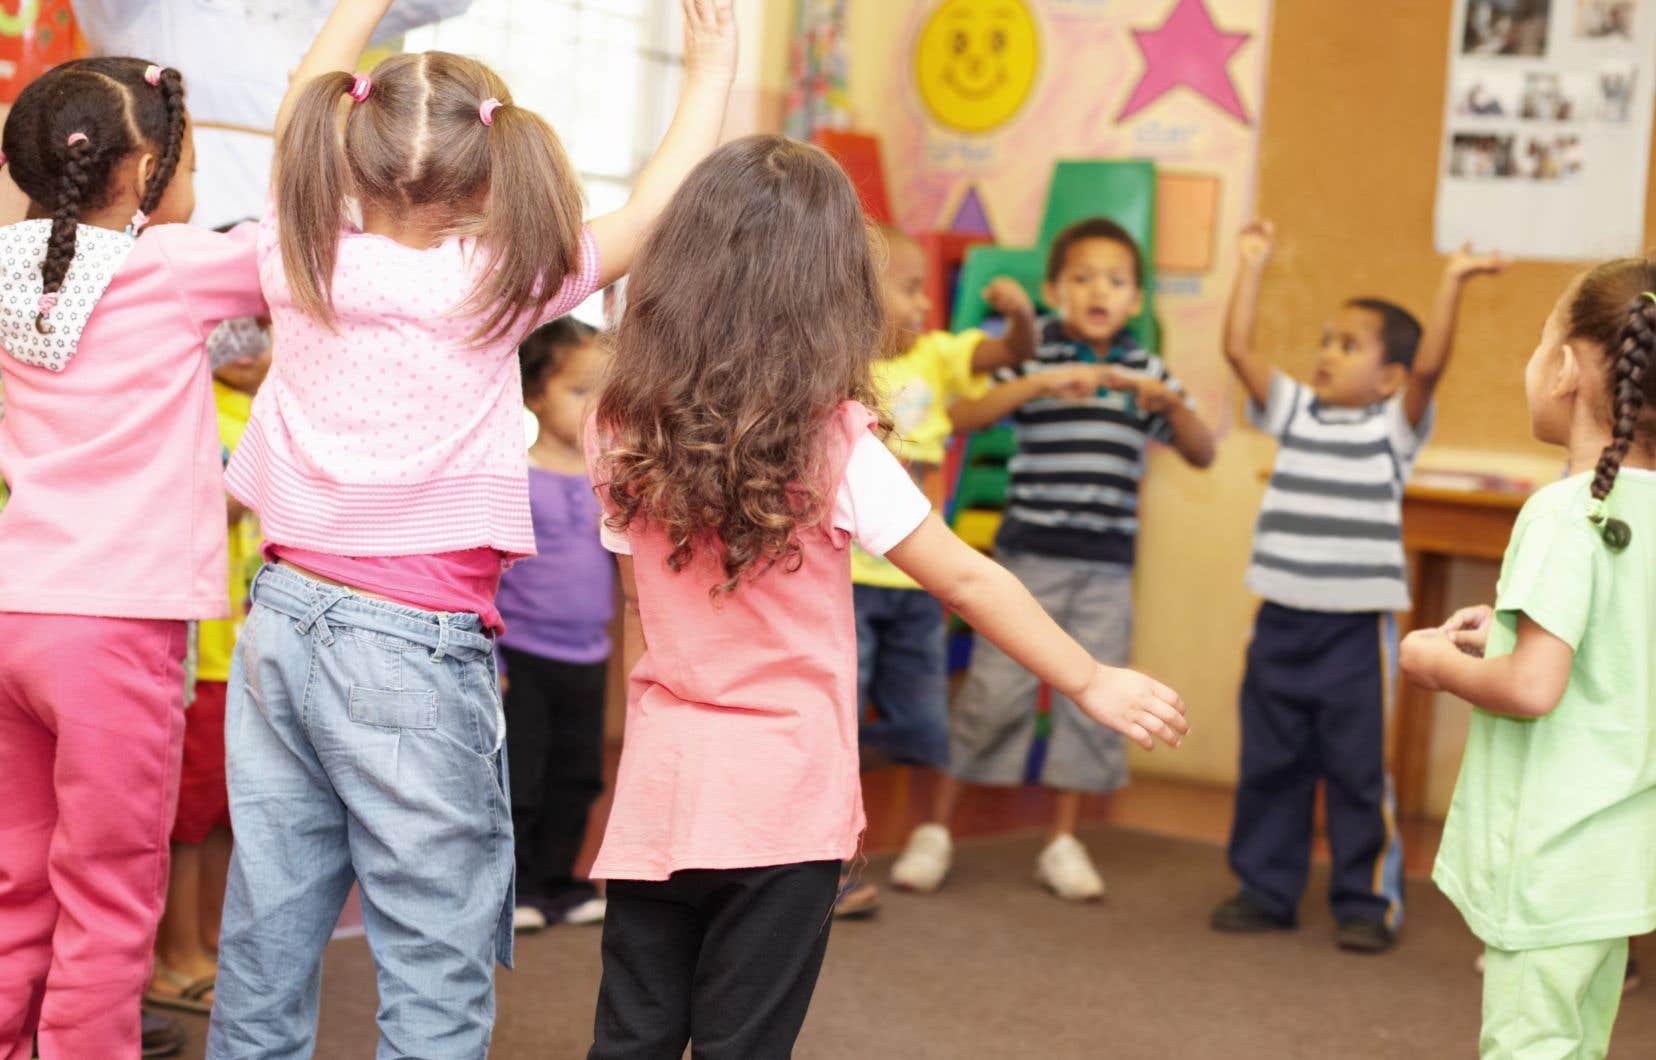 «La préscolarisation à 4ans permet aux enfants d'avoir les préalables nécessaires à l'entrée à l'école, et de prévenir le risque de difficultés ultérieures d'apprentissage ou d'adaptation», écrit l'auteur.